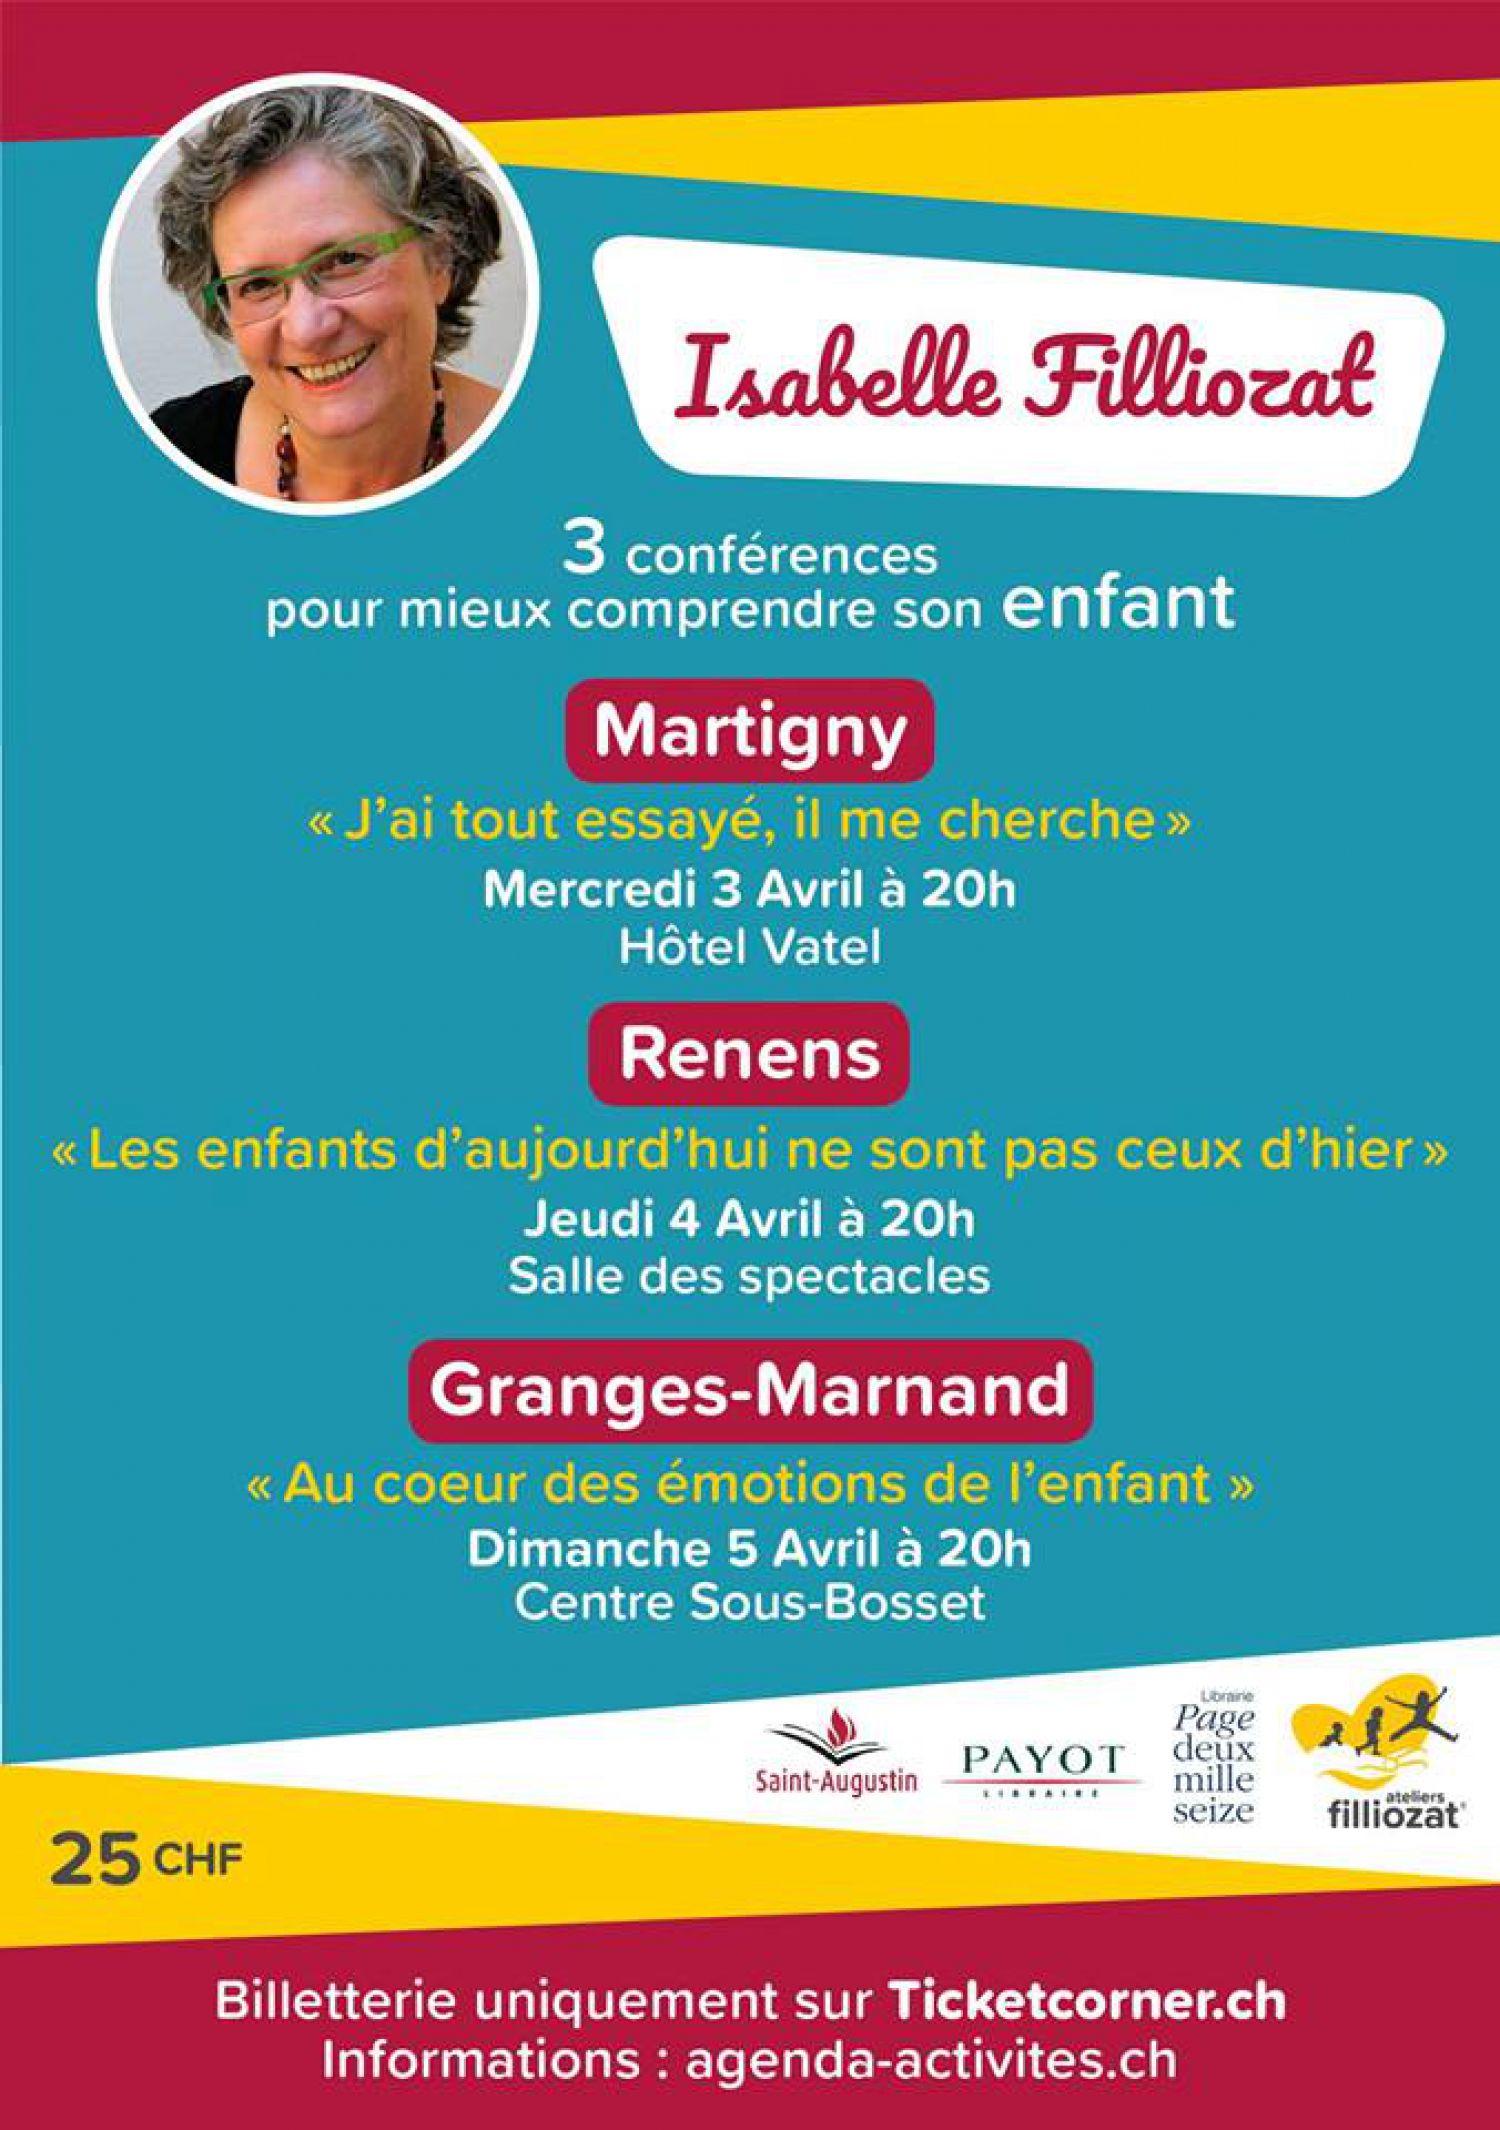 Conférence d'Isabelle Filliozat Les Enfants d'aujourd'hui ne sont pas ceux d'hier